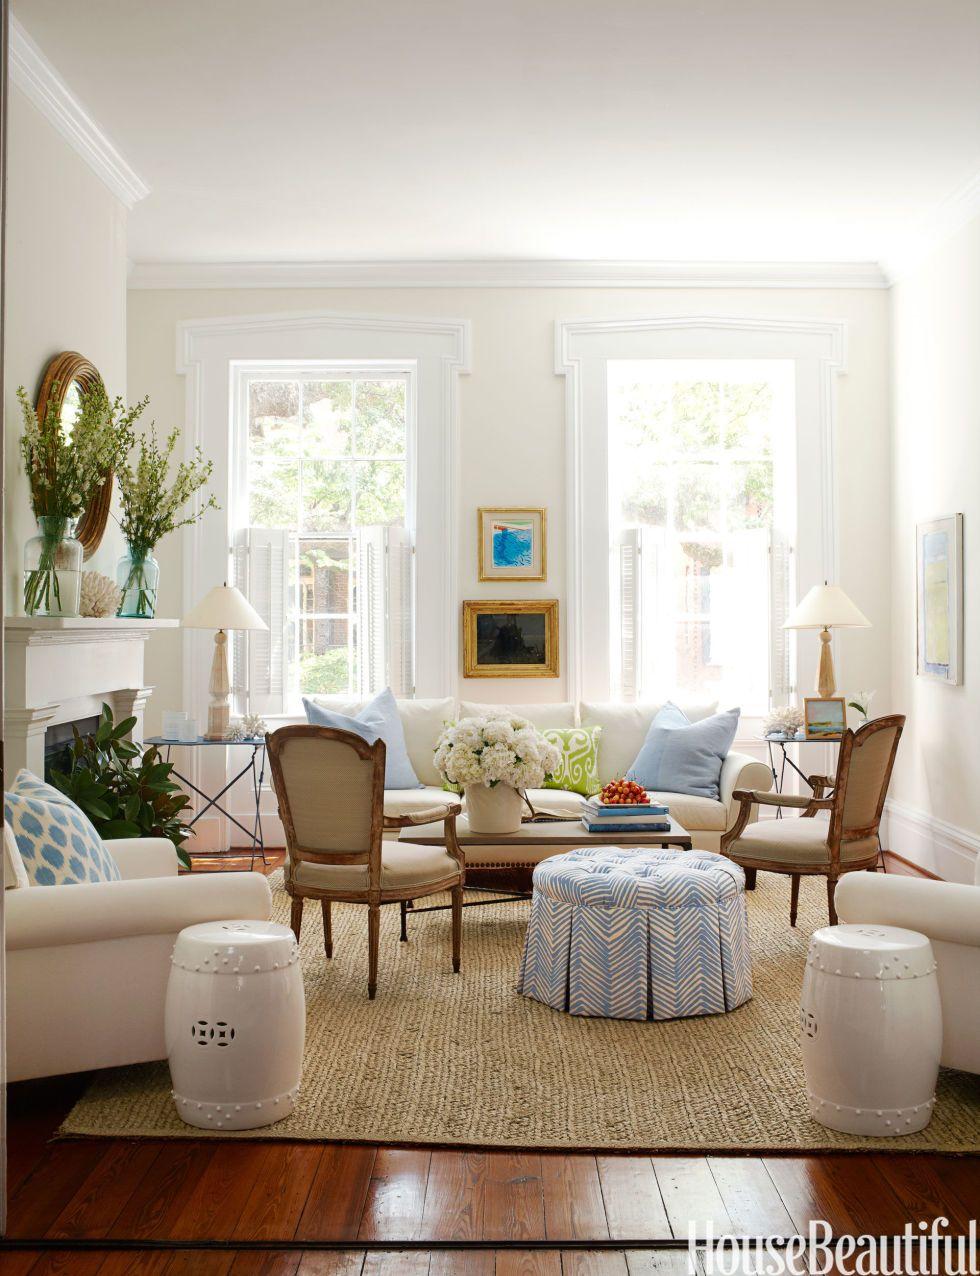 gallery_nrm_54bf56b669553_-_ional-living-room-white-walls-0412 ...